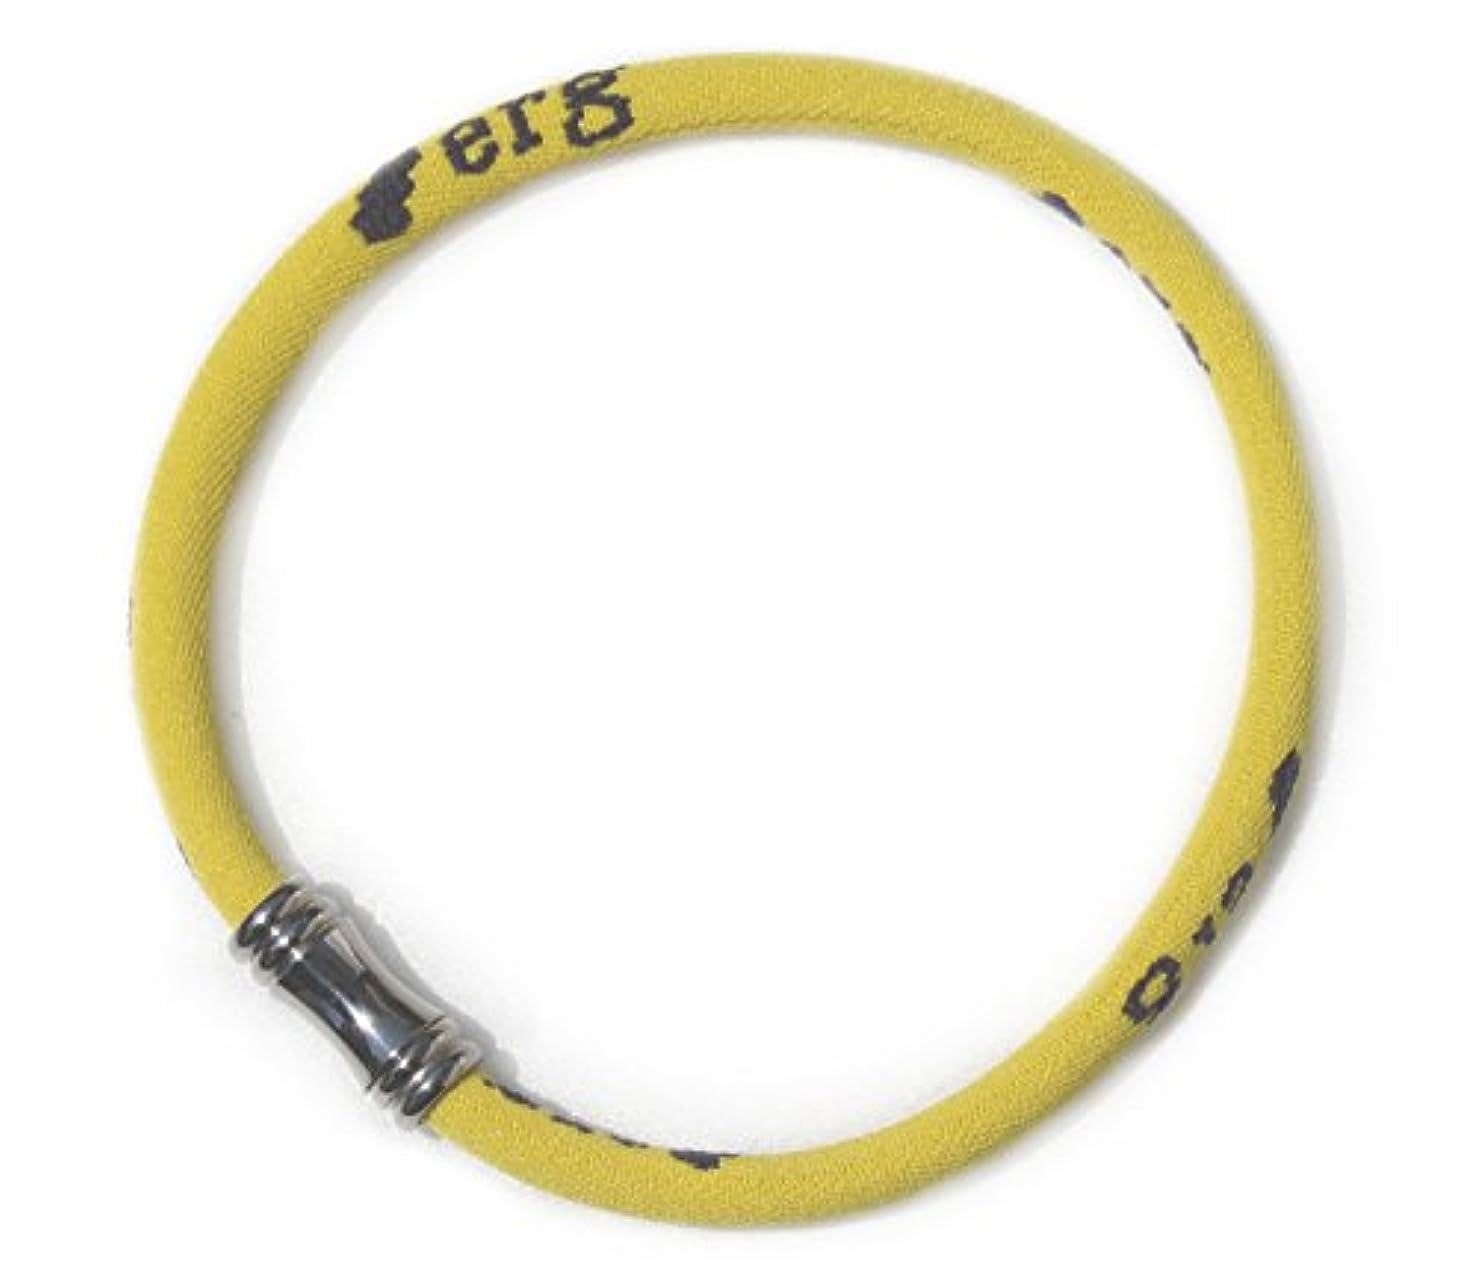 原因溶けた愛国的な[エルグ] スポーツアンクレット Limited Edition Yellow EGSLA106